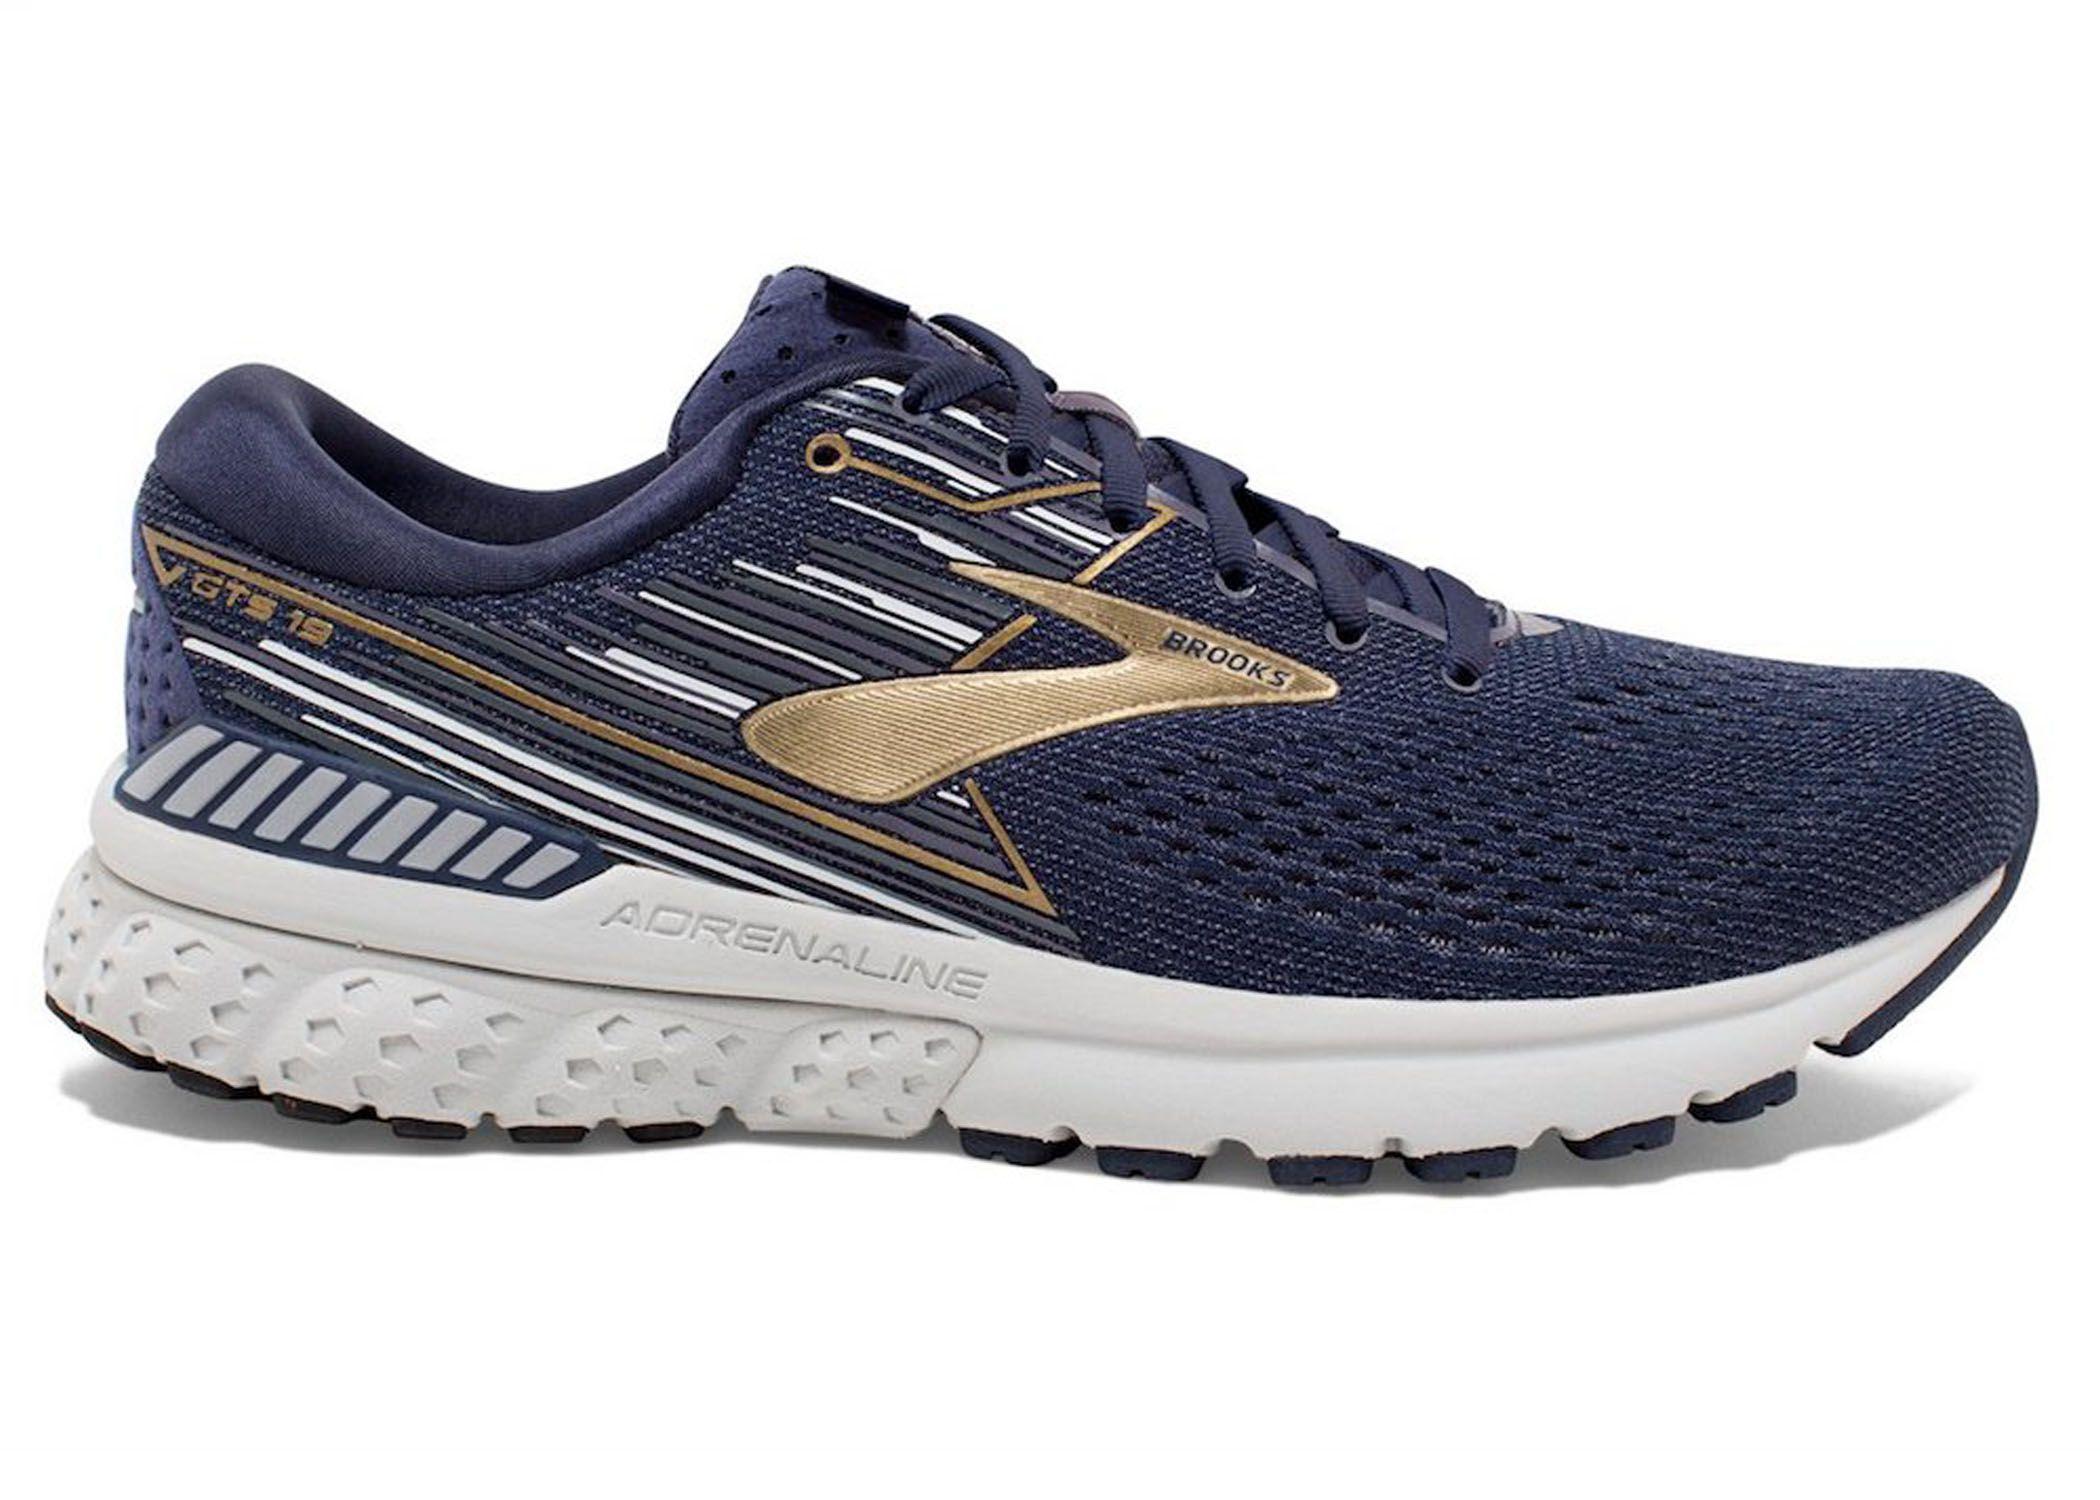 1a41d10131 10 Best Running Shoes for Men 2019 - Men's Running Sneaker Reviews